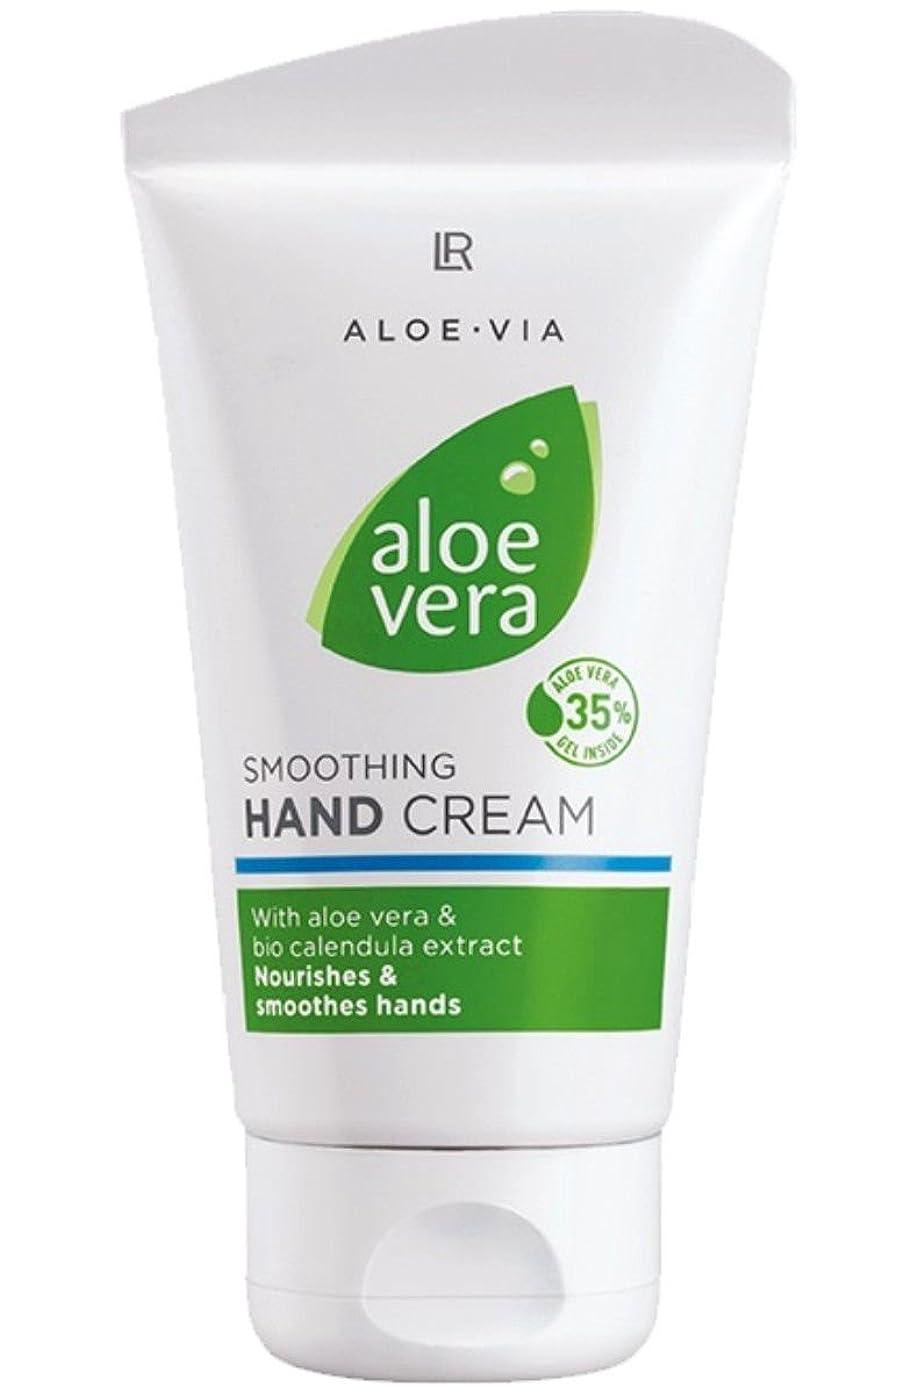 呼吸するドアミラー刑務所L R アロエハンドクリーム美容や化粧品の35%アロエベラ75ミリリットル